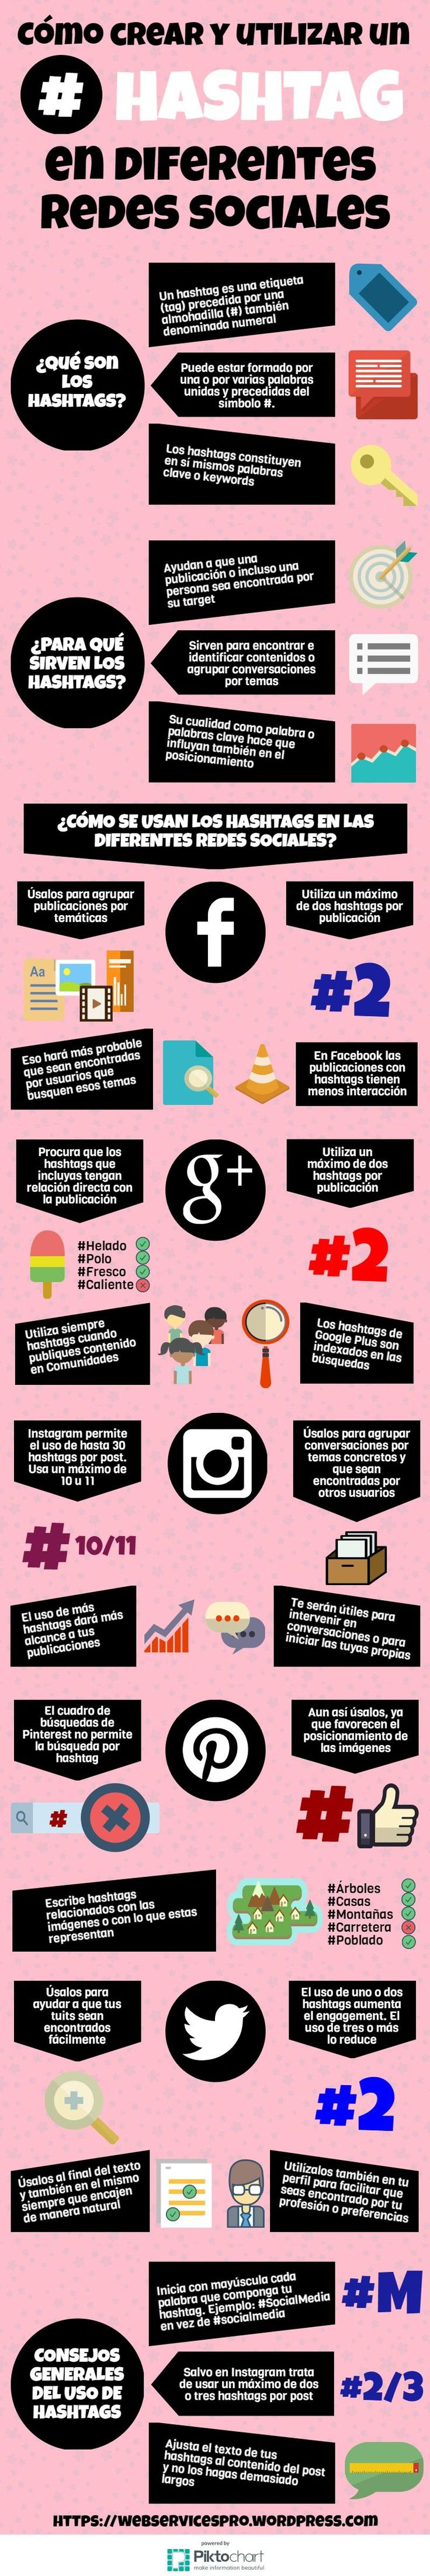 Cómo crear y utilizar un #hashtag en diferentes redes sociales #Infografía